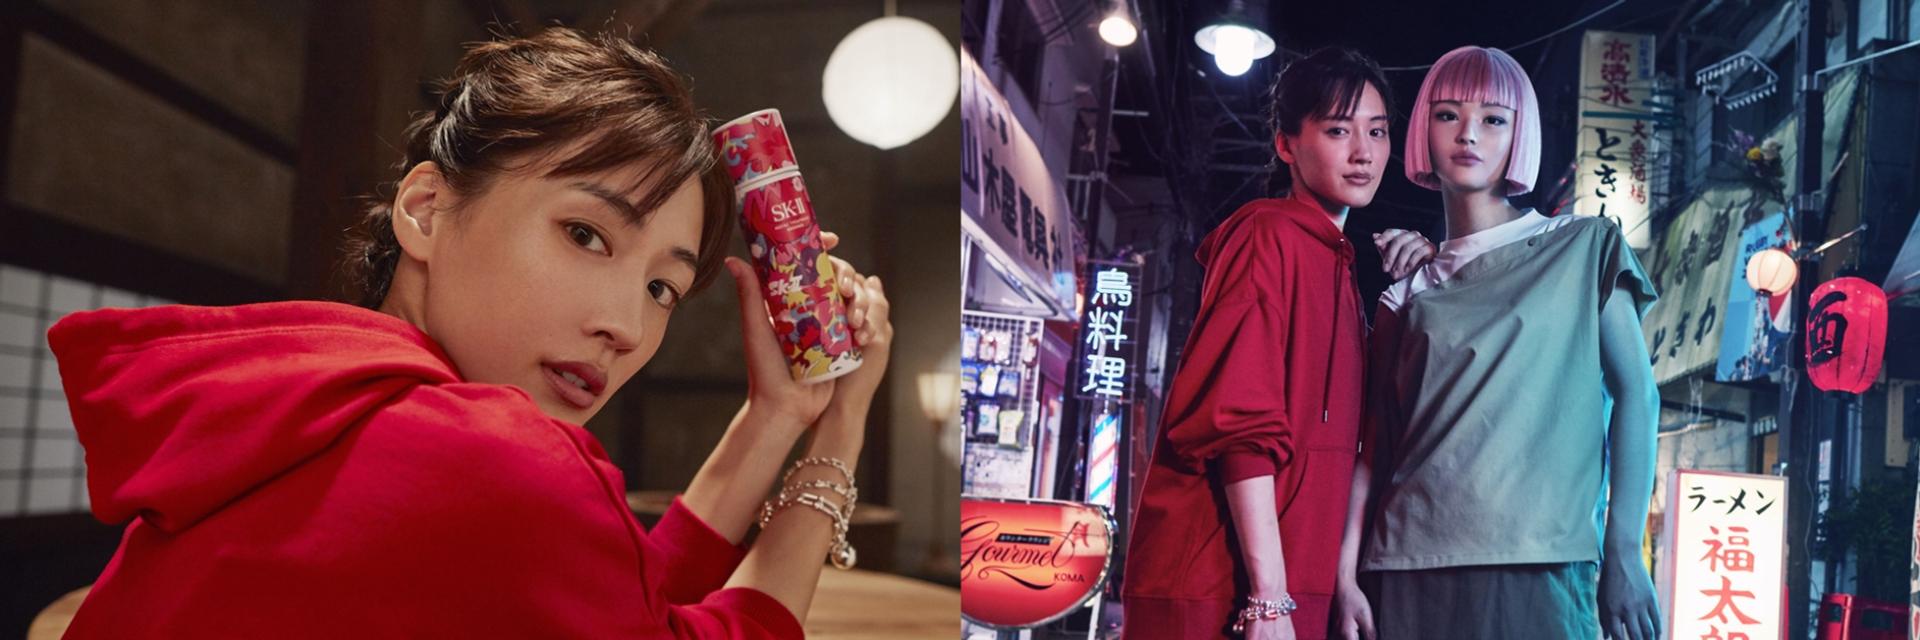 SK- II 最新青春露限量版登場!虛擬模特兒 IMMA 跟女星綾瀨遙一起大玩潮流元素,重新演繹 Pitera 傳奇!